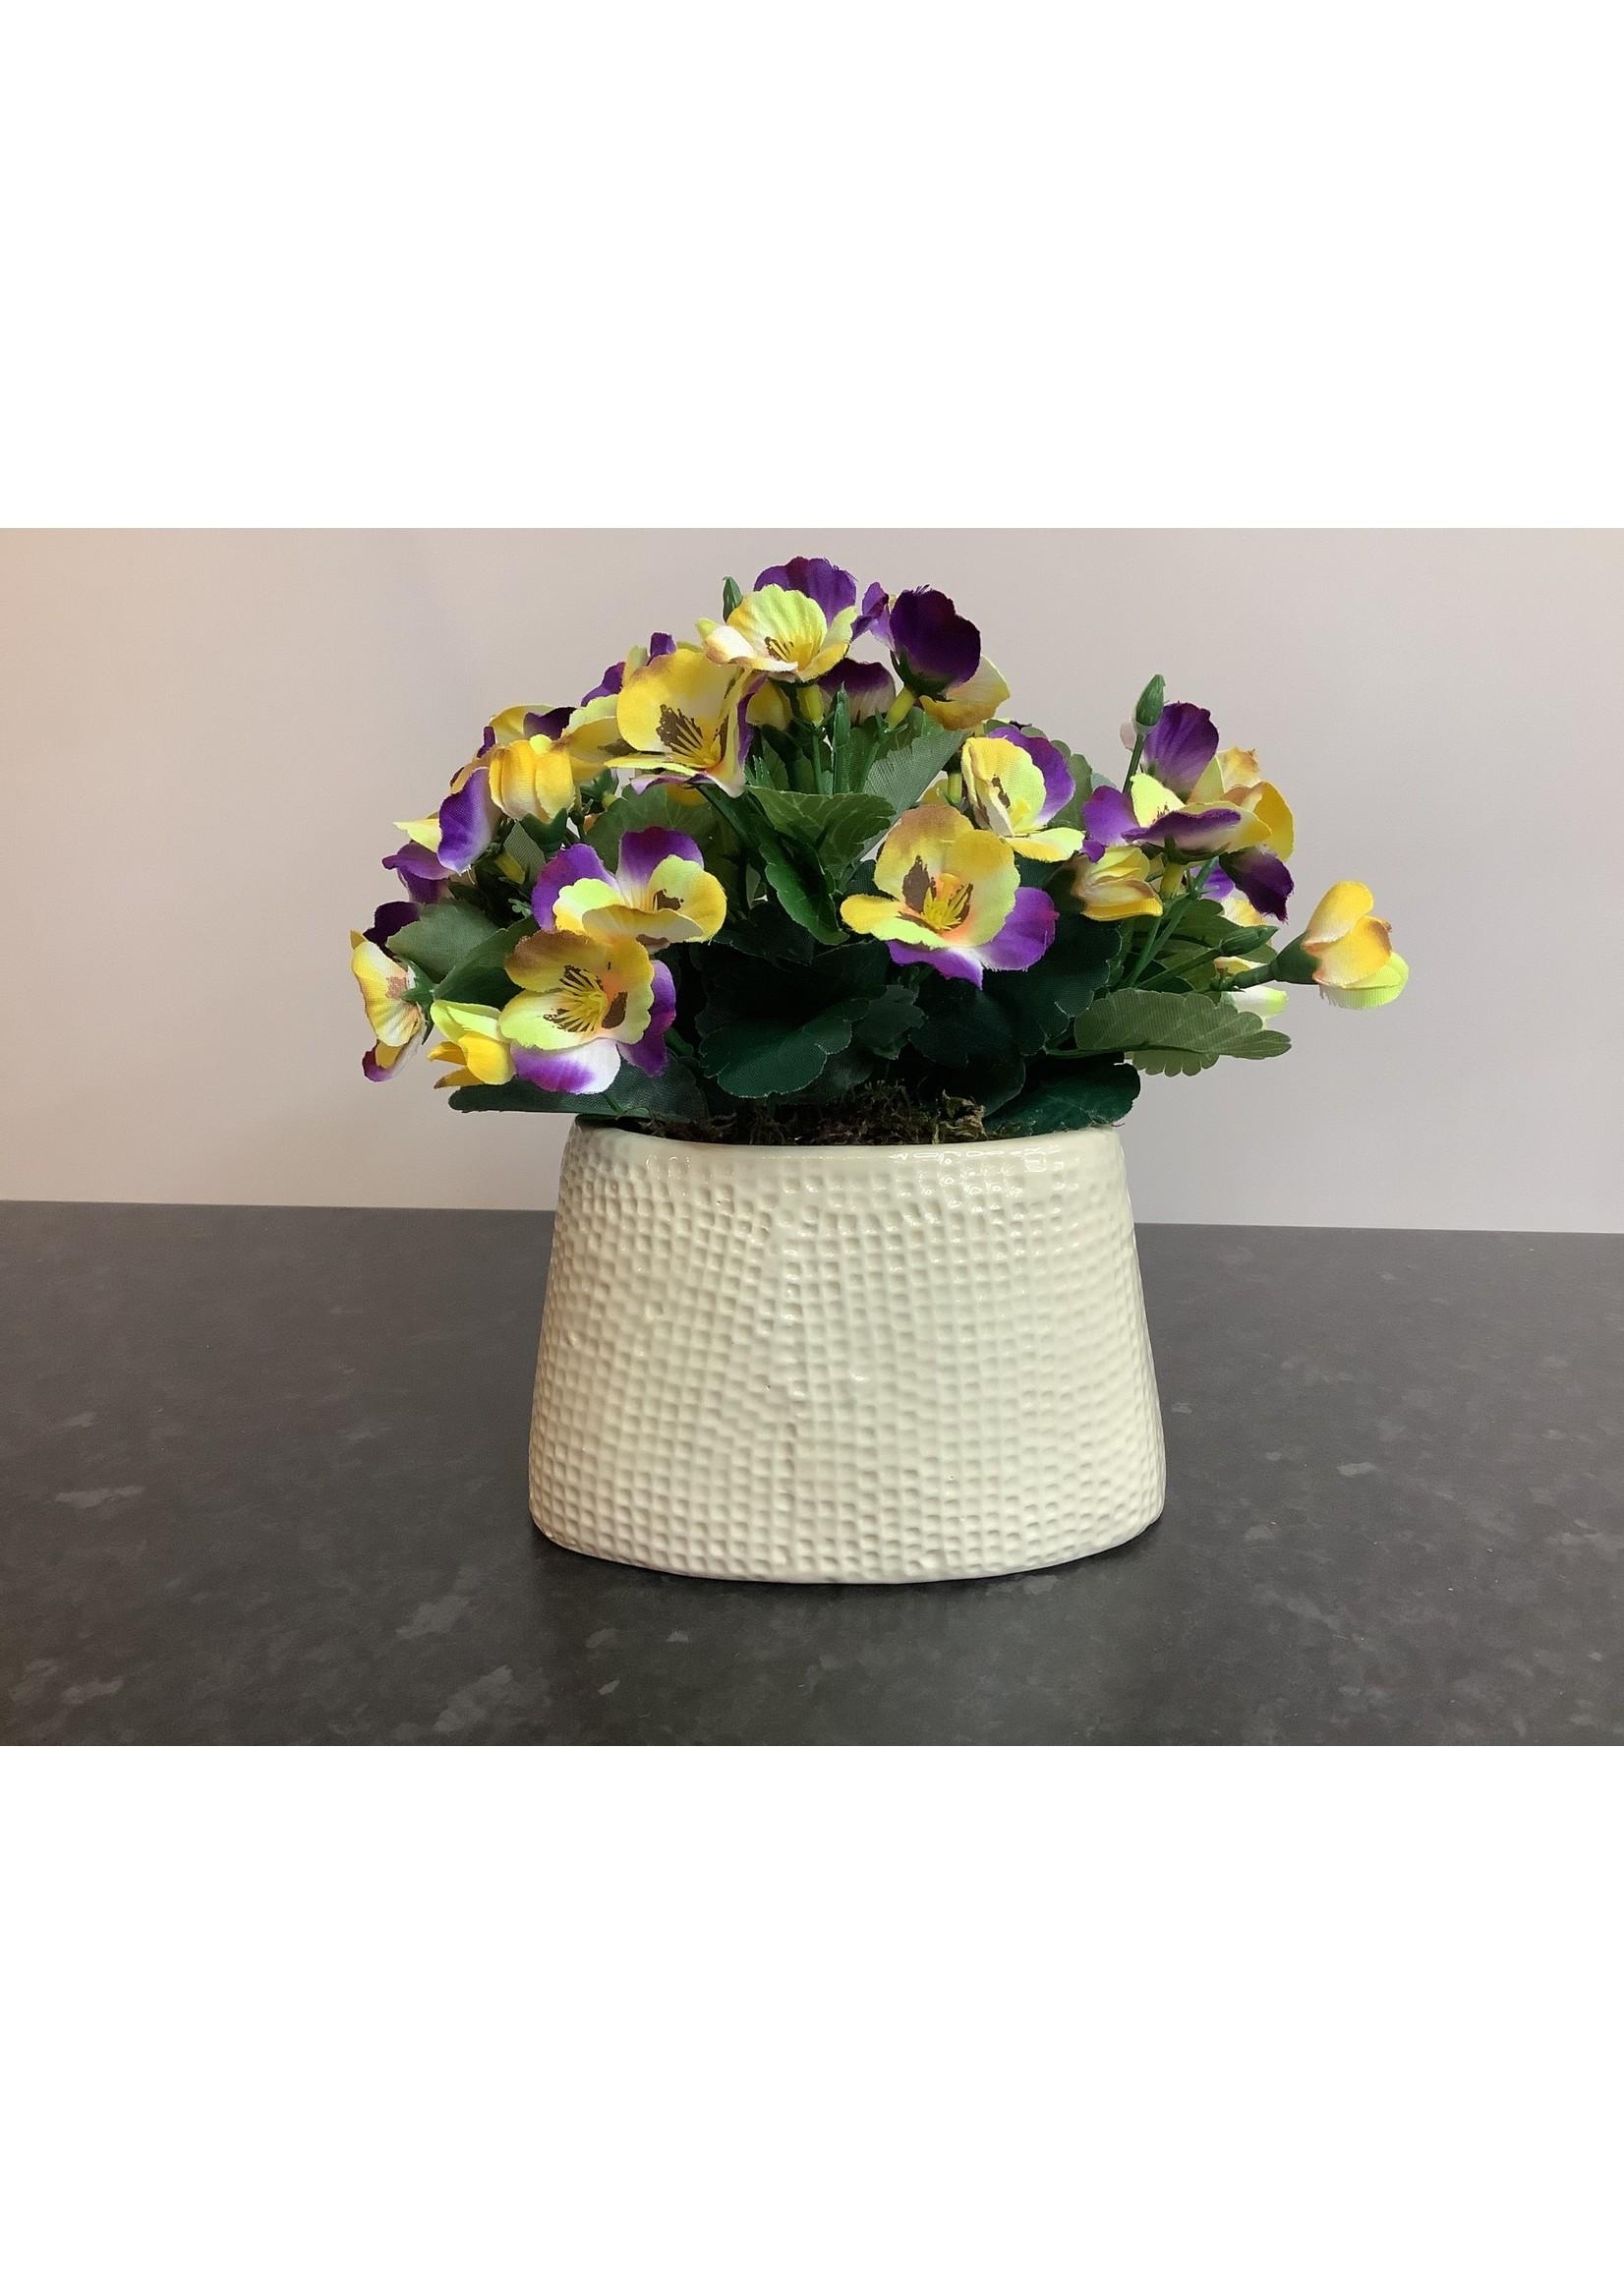 Pansies in Ceramic Pot multicolour 16x20cm